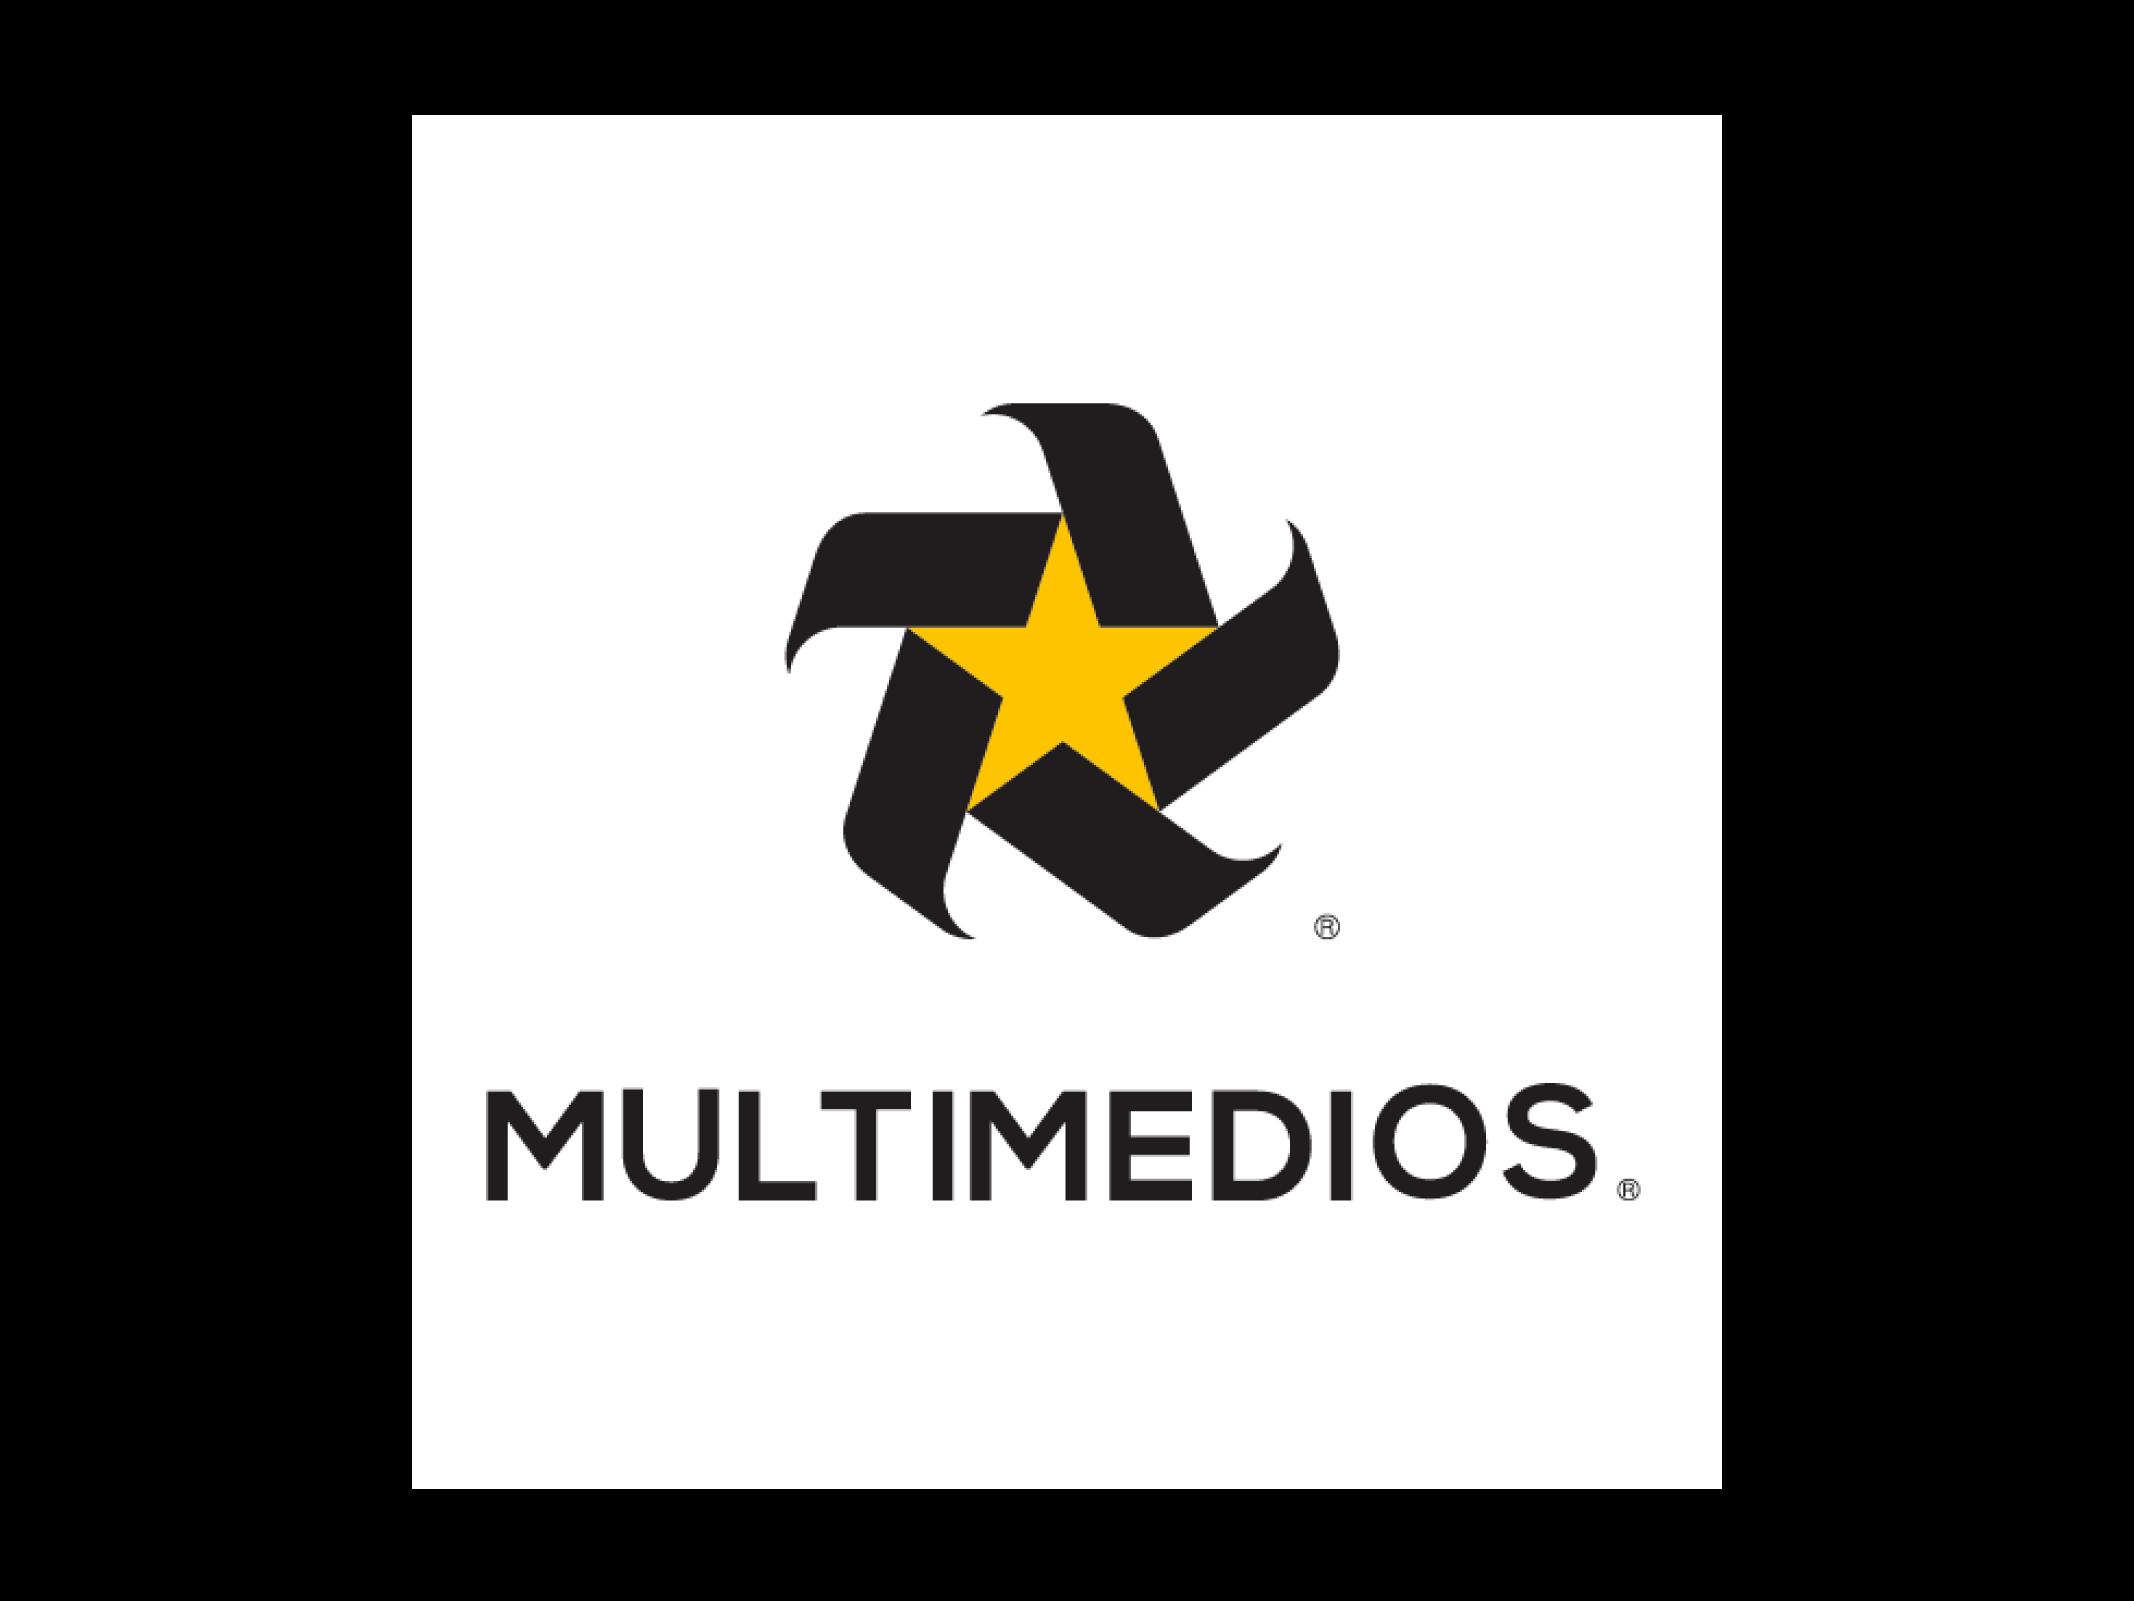 logo-clientes-multimedios